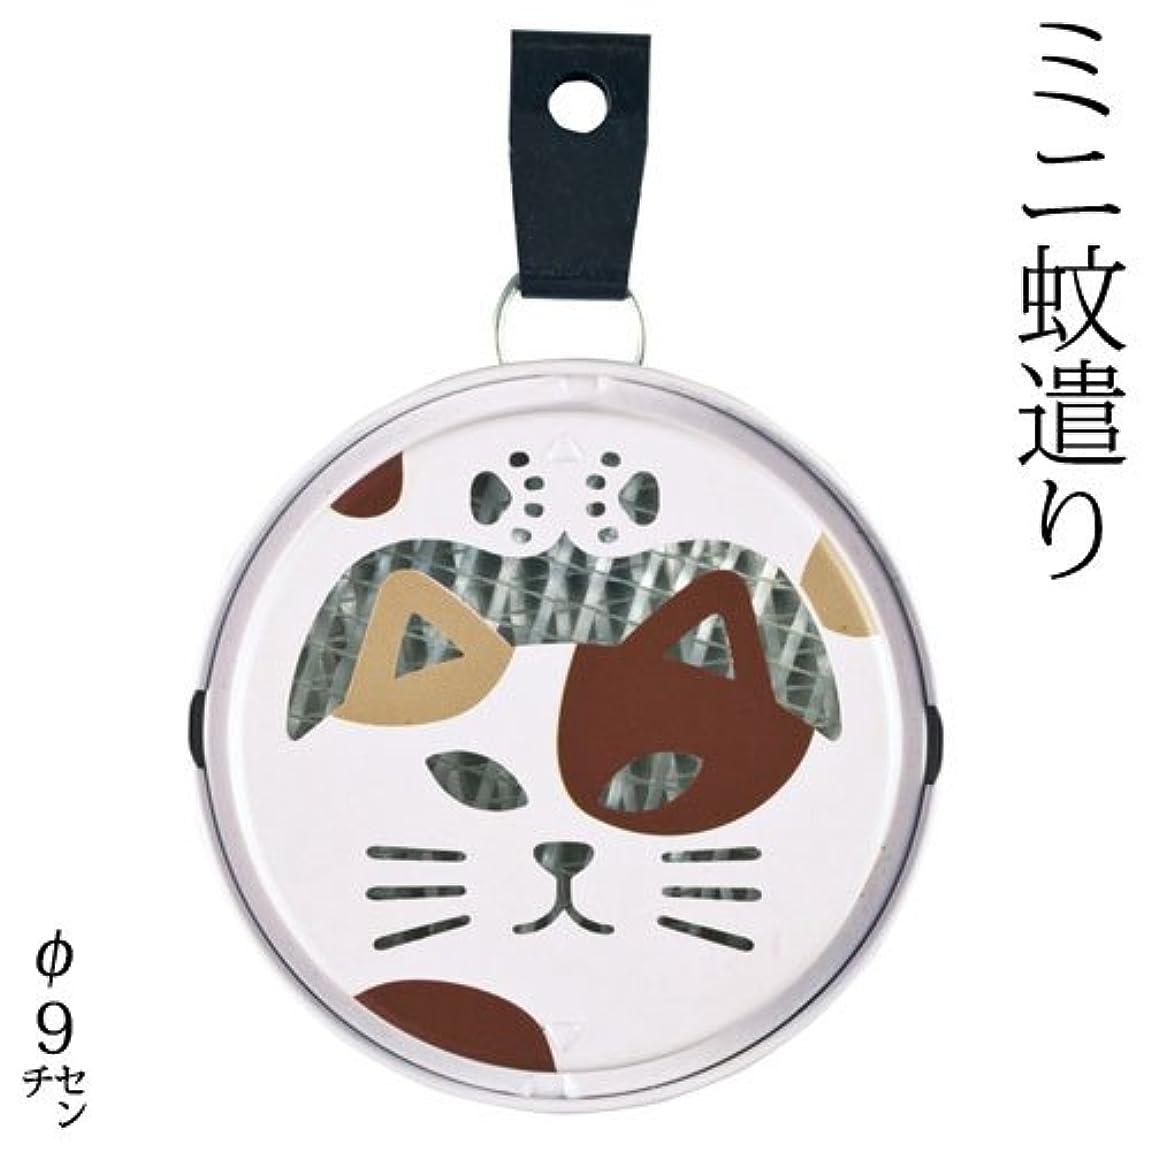 なめらか眠っている遠えDECOLEポータブルミニ蚊遣り三毛猫 (SK-13931)吊り下げ?床置き対応Portable mini Kayari